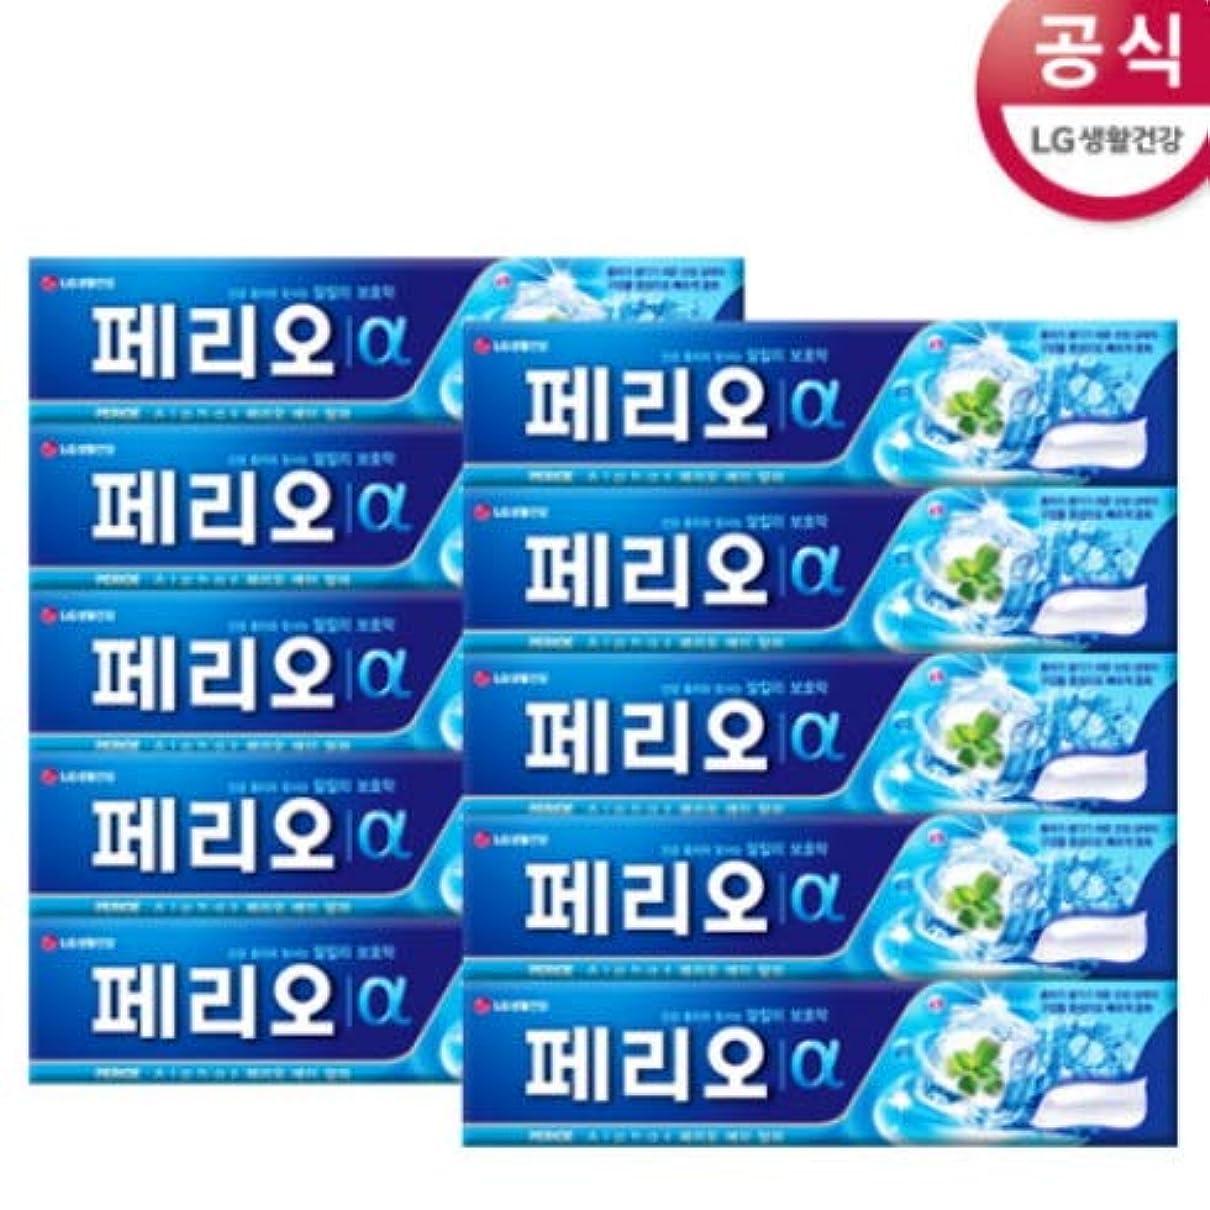 軍隊ビーム順応性[LG HnB] Perio Alpha Toothpaste/ペリオアルファ歯磨き粉 170gx10個(海外直送品)